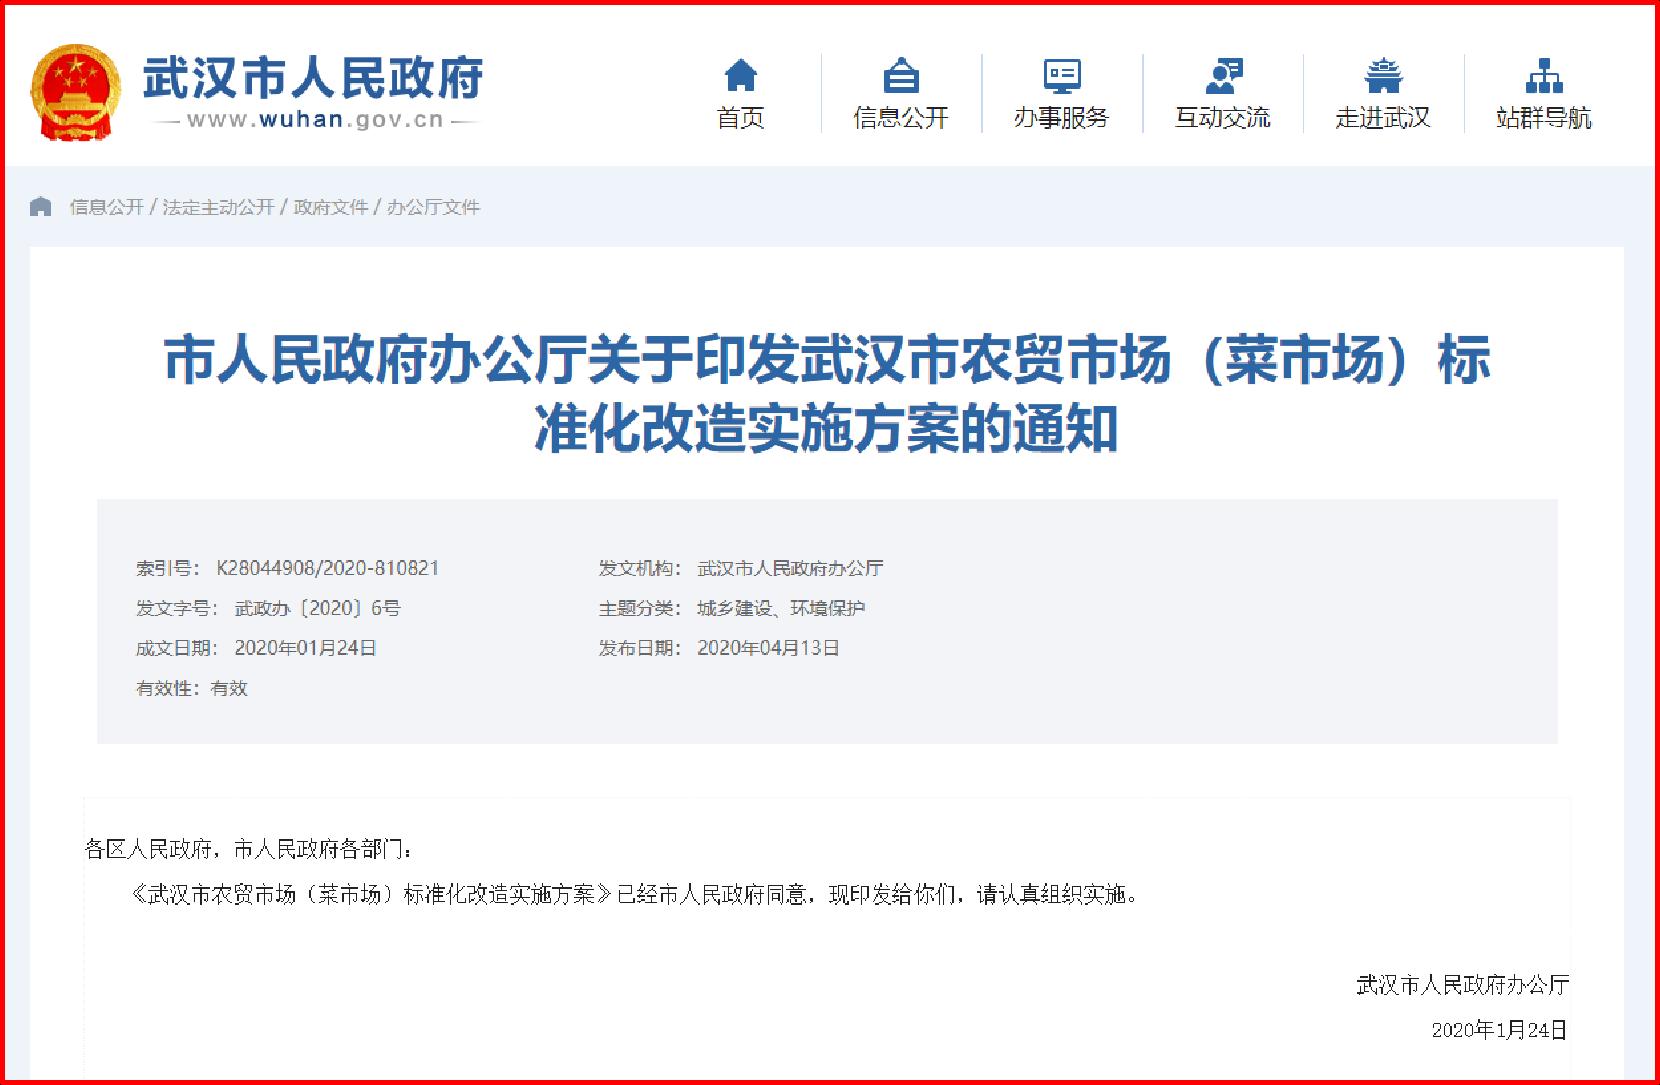 【武汉市】农贸市场(菜市场)标准化改造实施方案